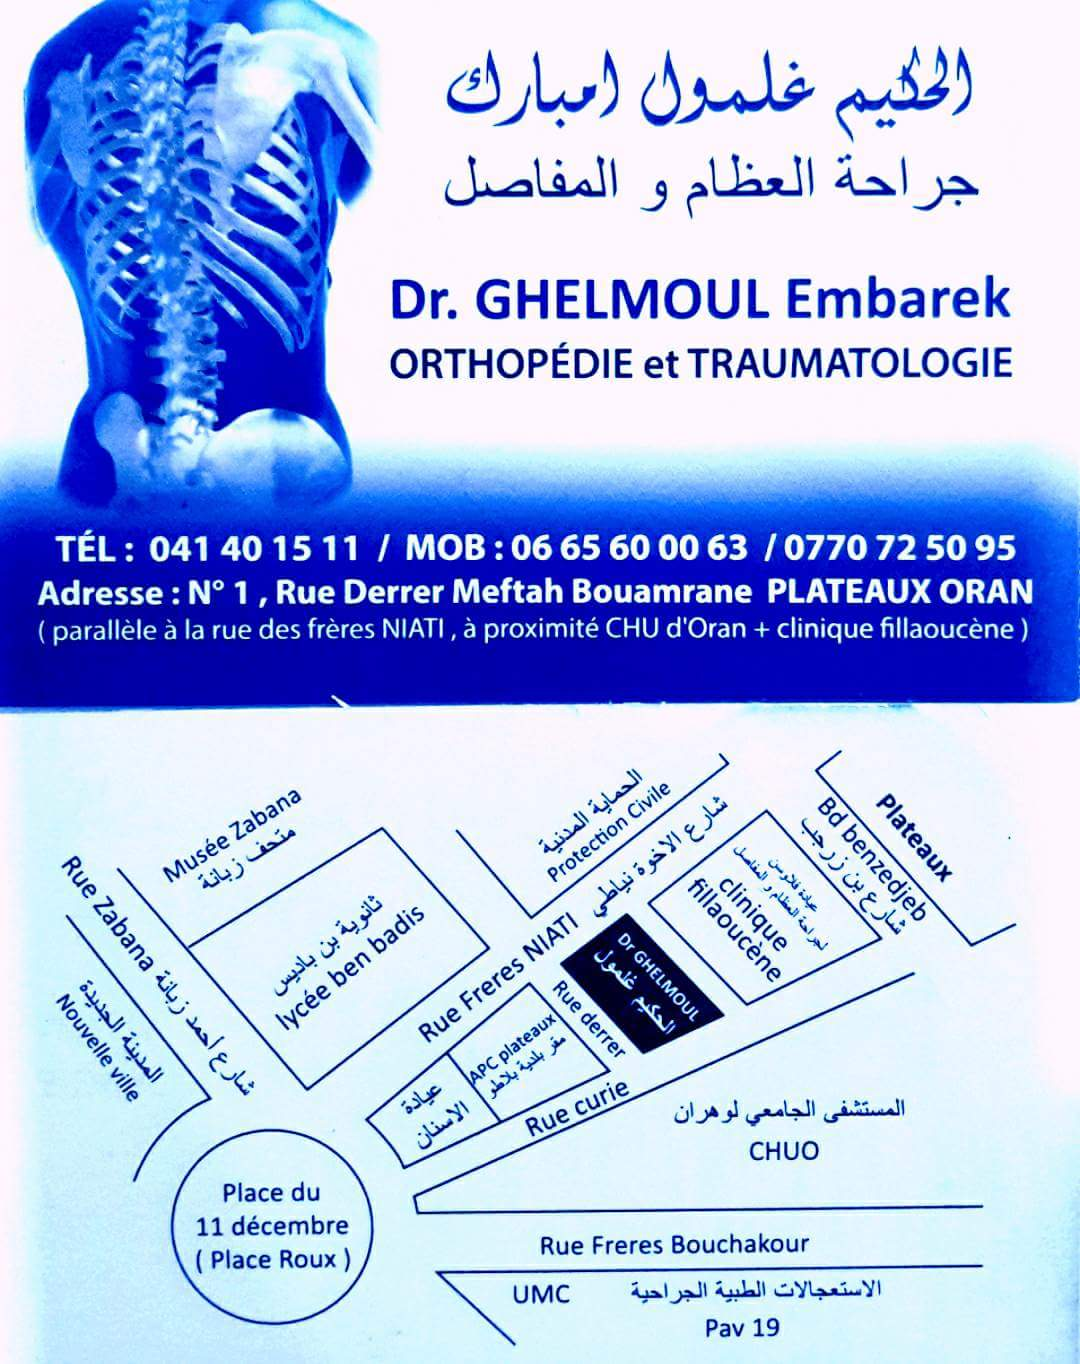 Dr GHELMOUL EMBAREK Clinique Médico-chirurgicale ORTHOPÉDIE et TRAUMATOLOGIE